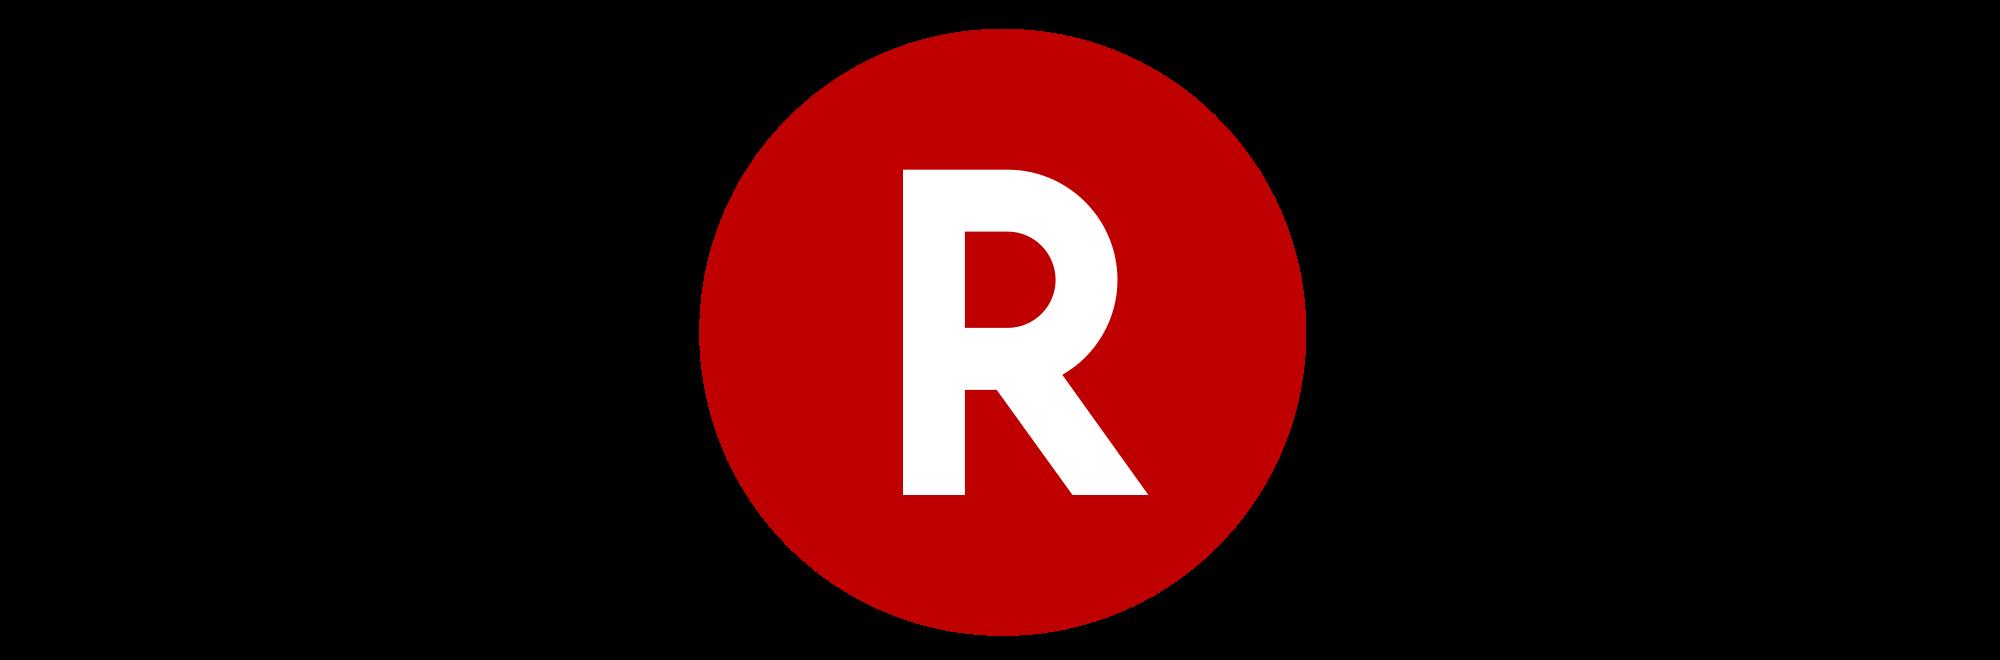 Rakuten Logo Vector PNG - 38768